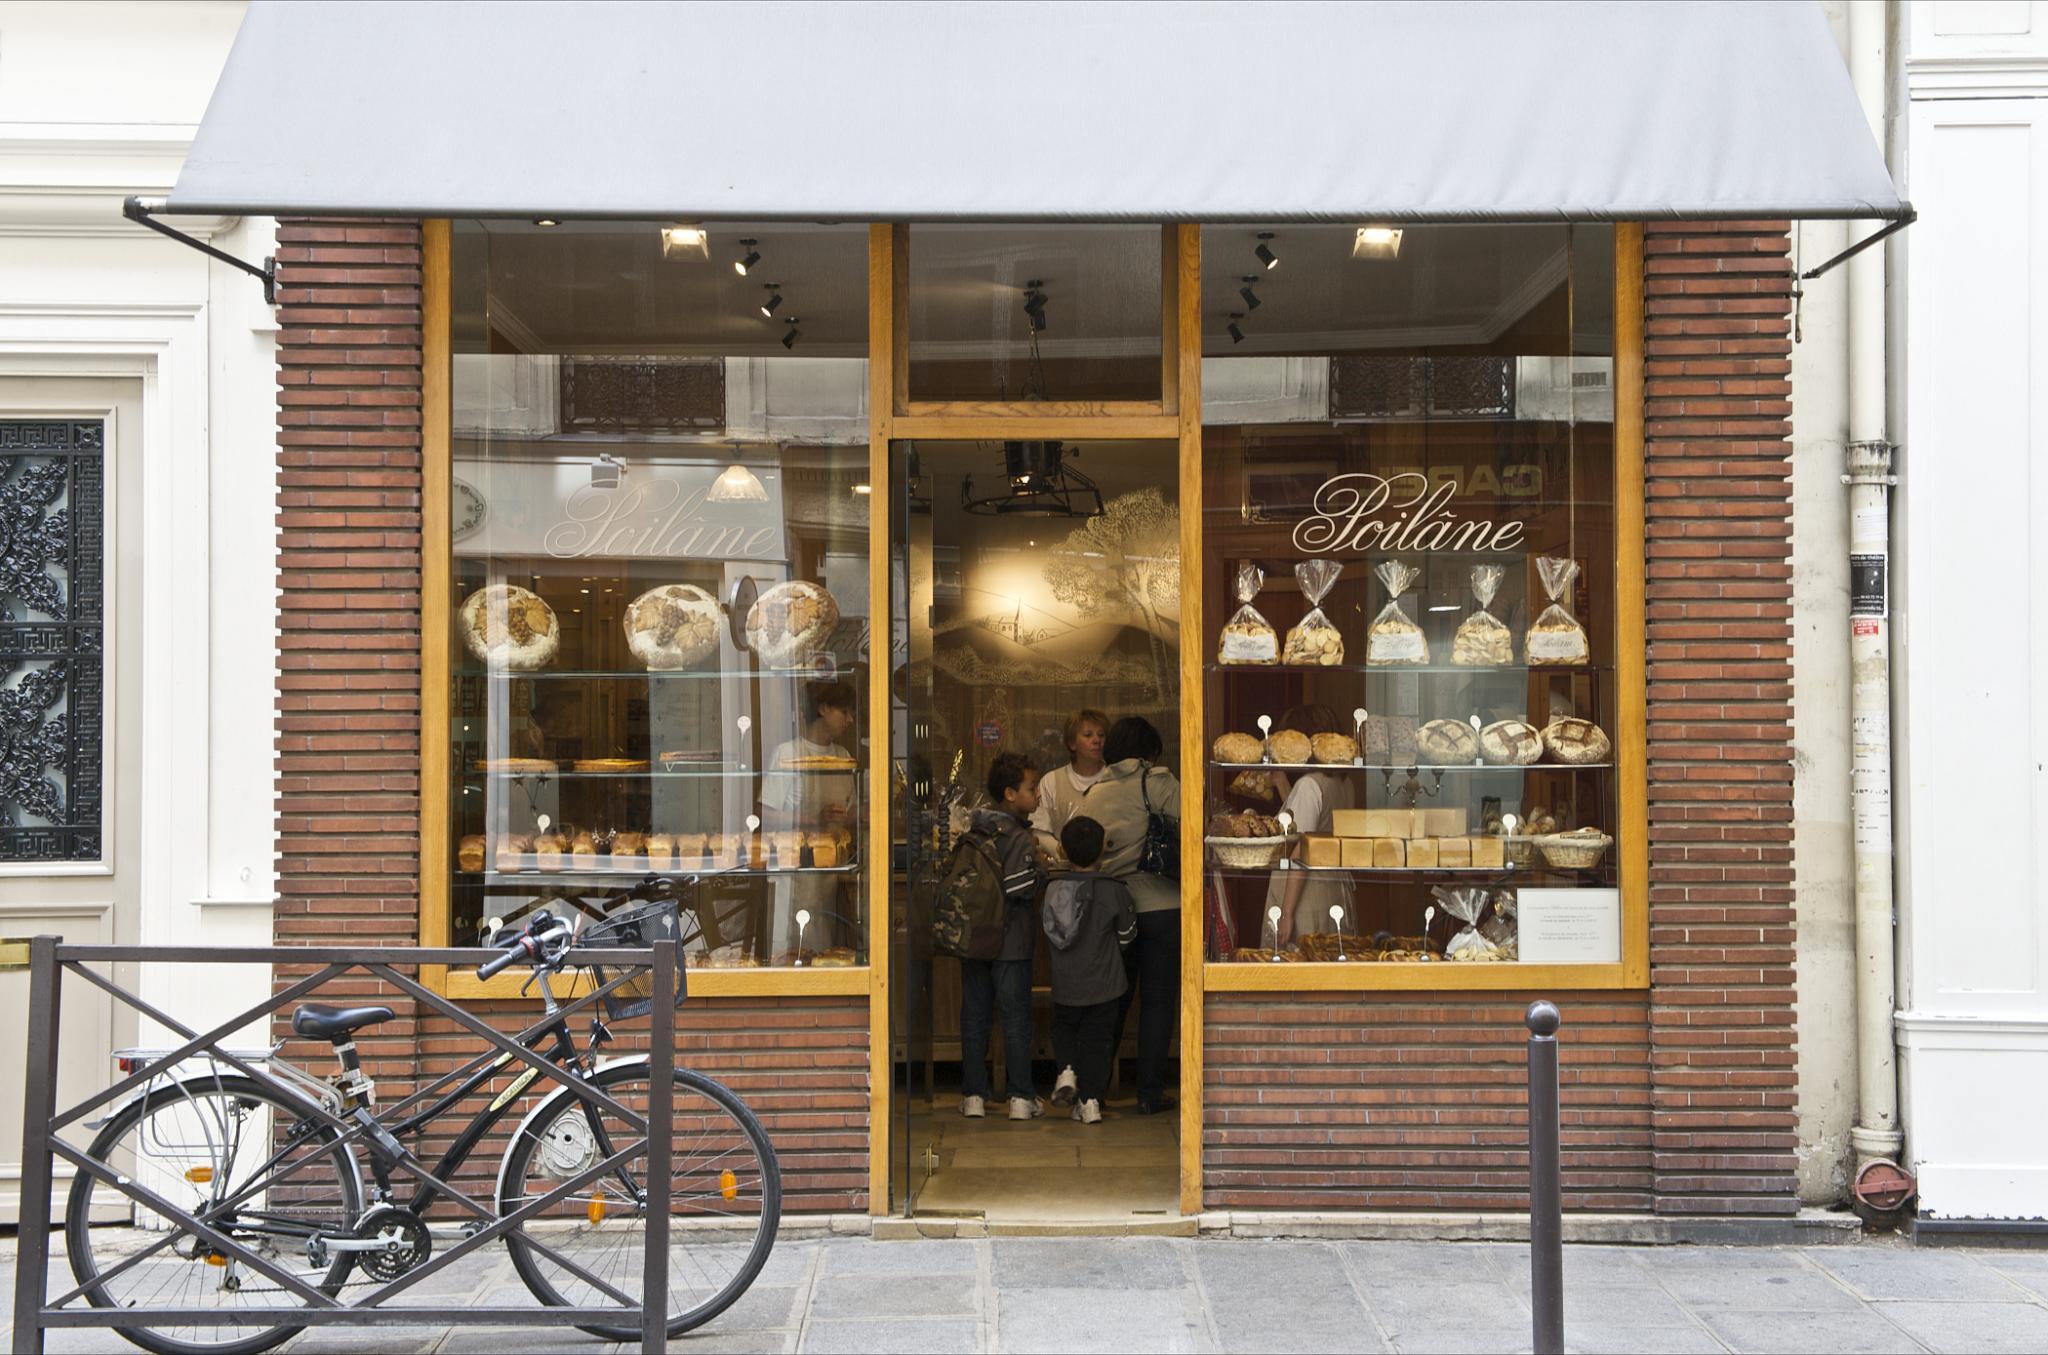 23 Rue Du Cherche Midi file:poilane, 8 rue du cherche-midi, paris 75006, september